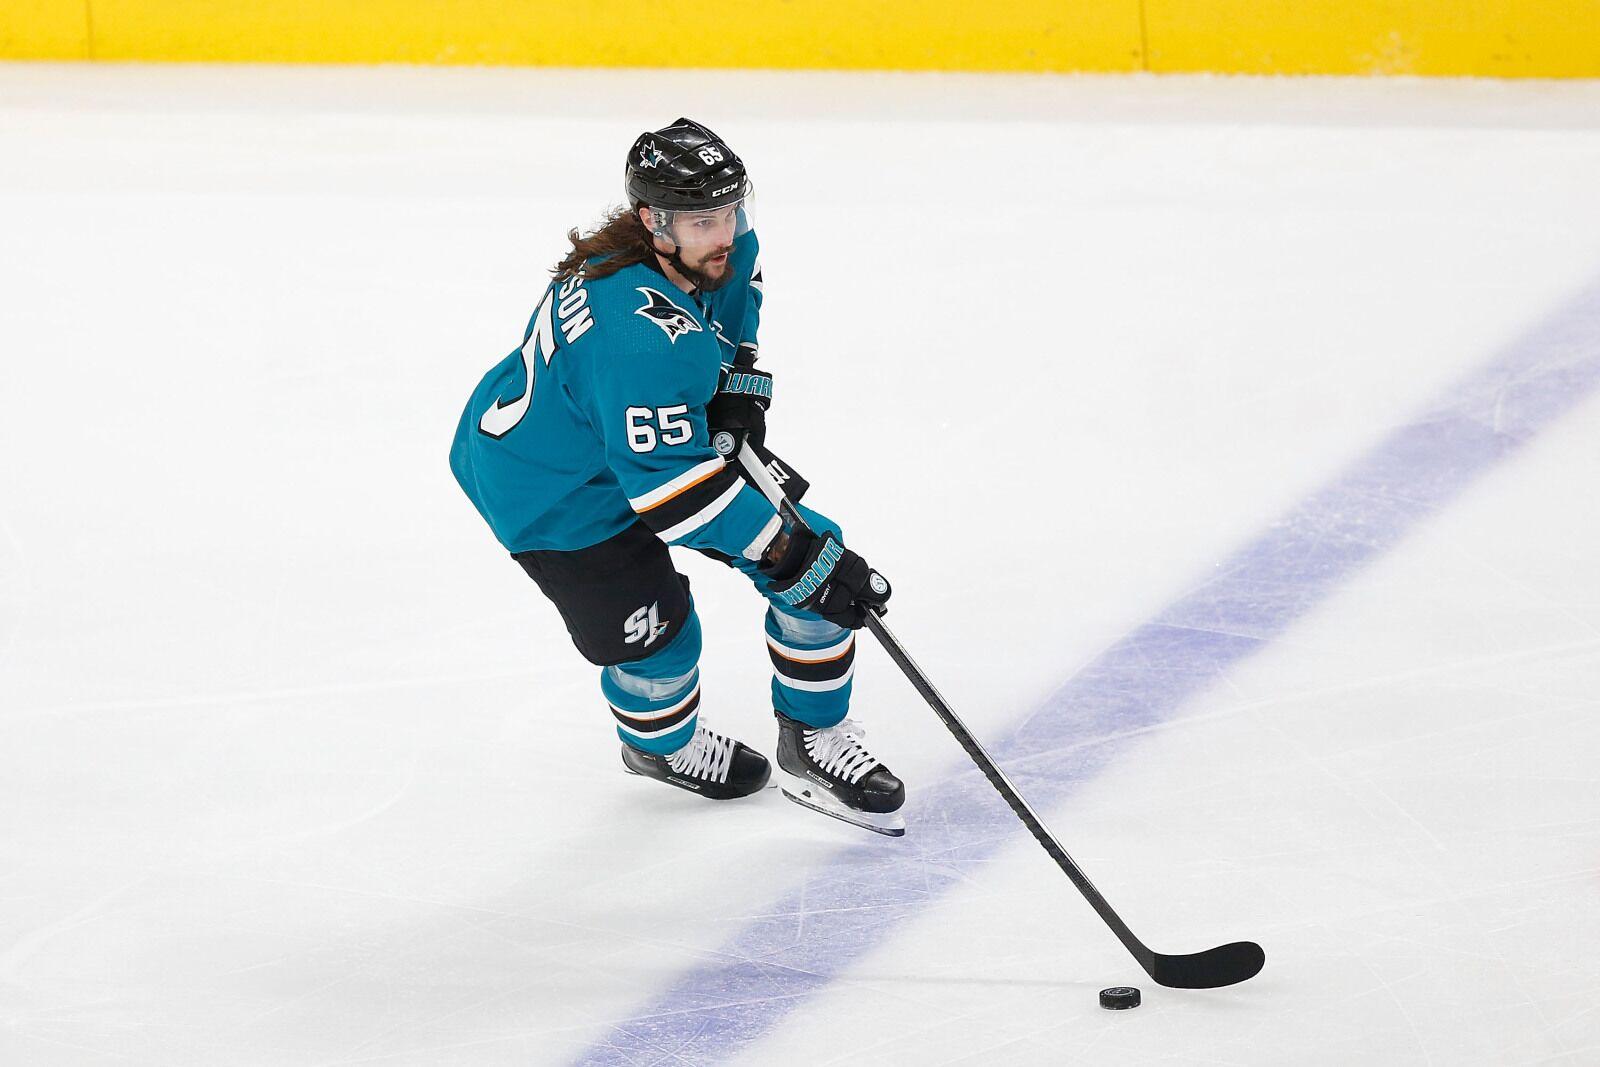 b08528d6eca Vancouver Canucks: Don't get your hopes up on Erik Karlsson